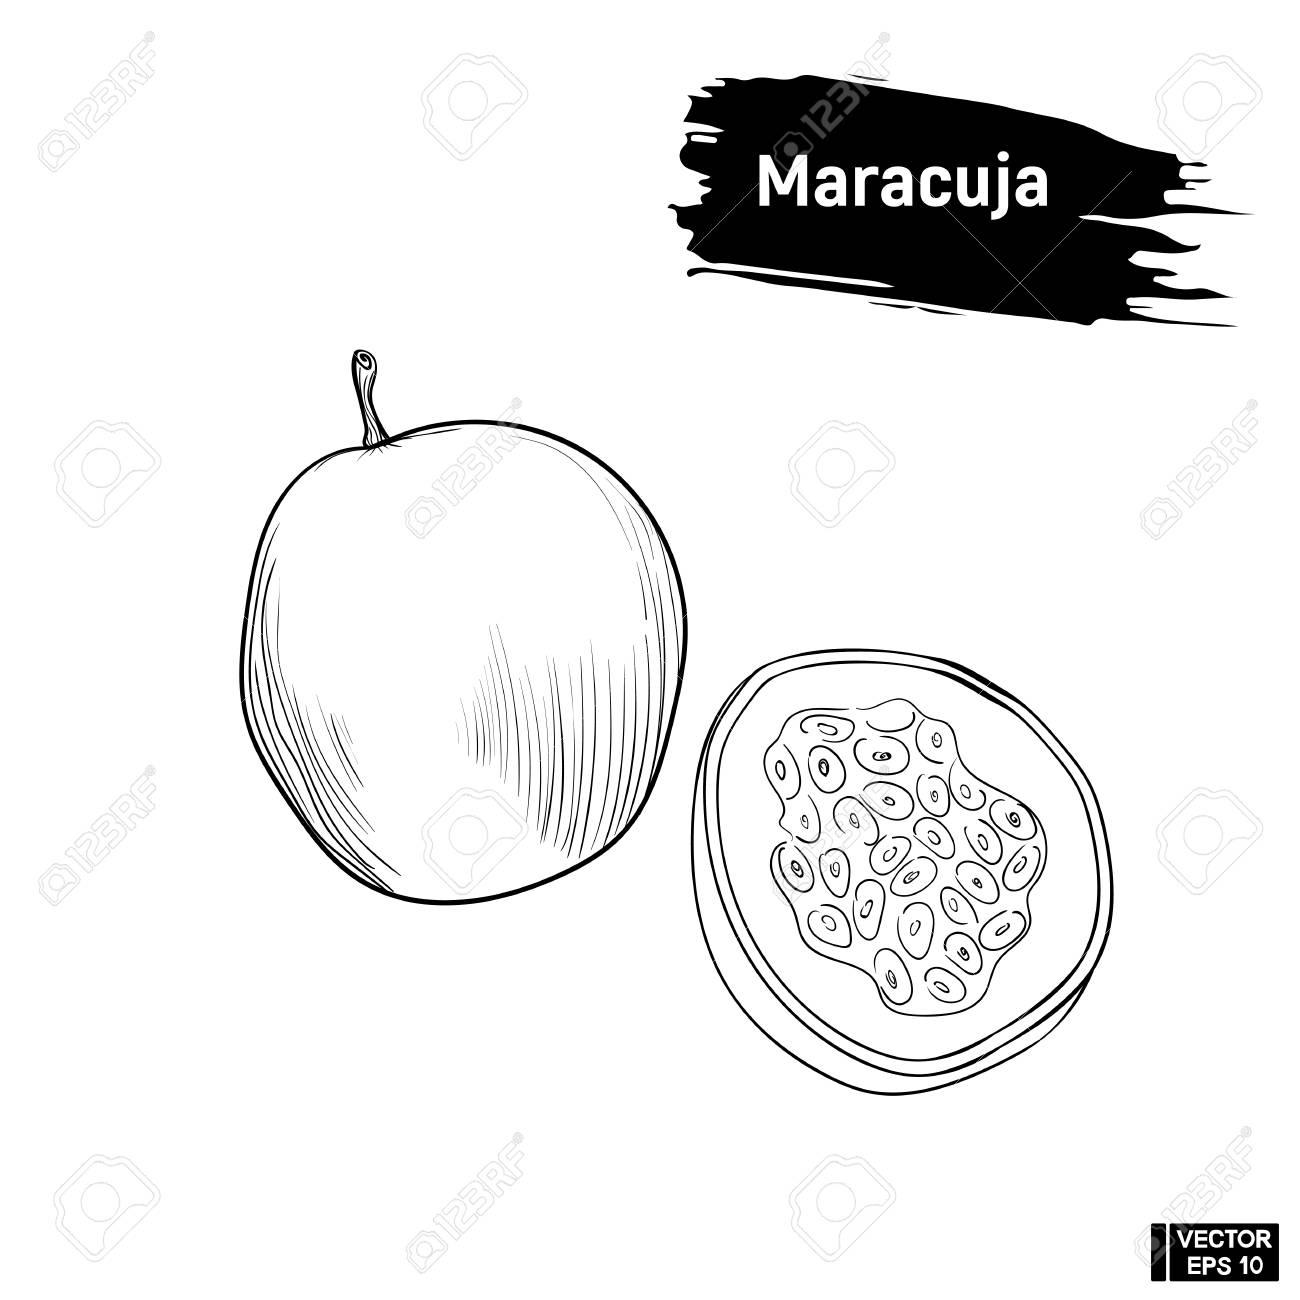 Imagen Vectorial Boceto Blanco Y Negro De Maracuya De Frutas